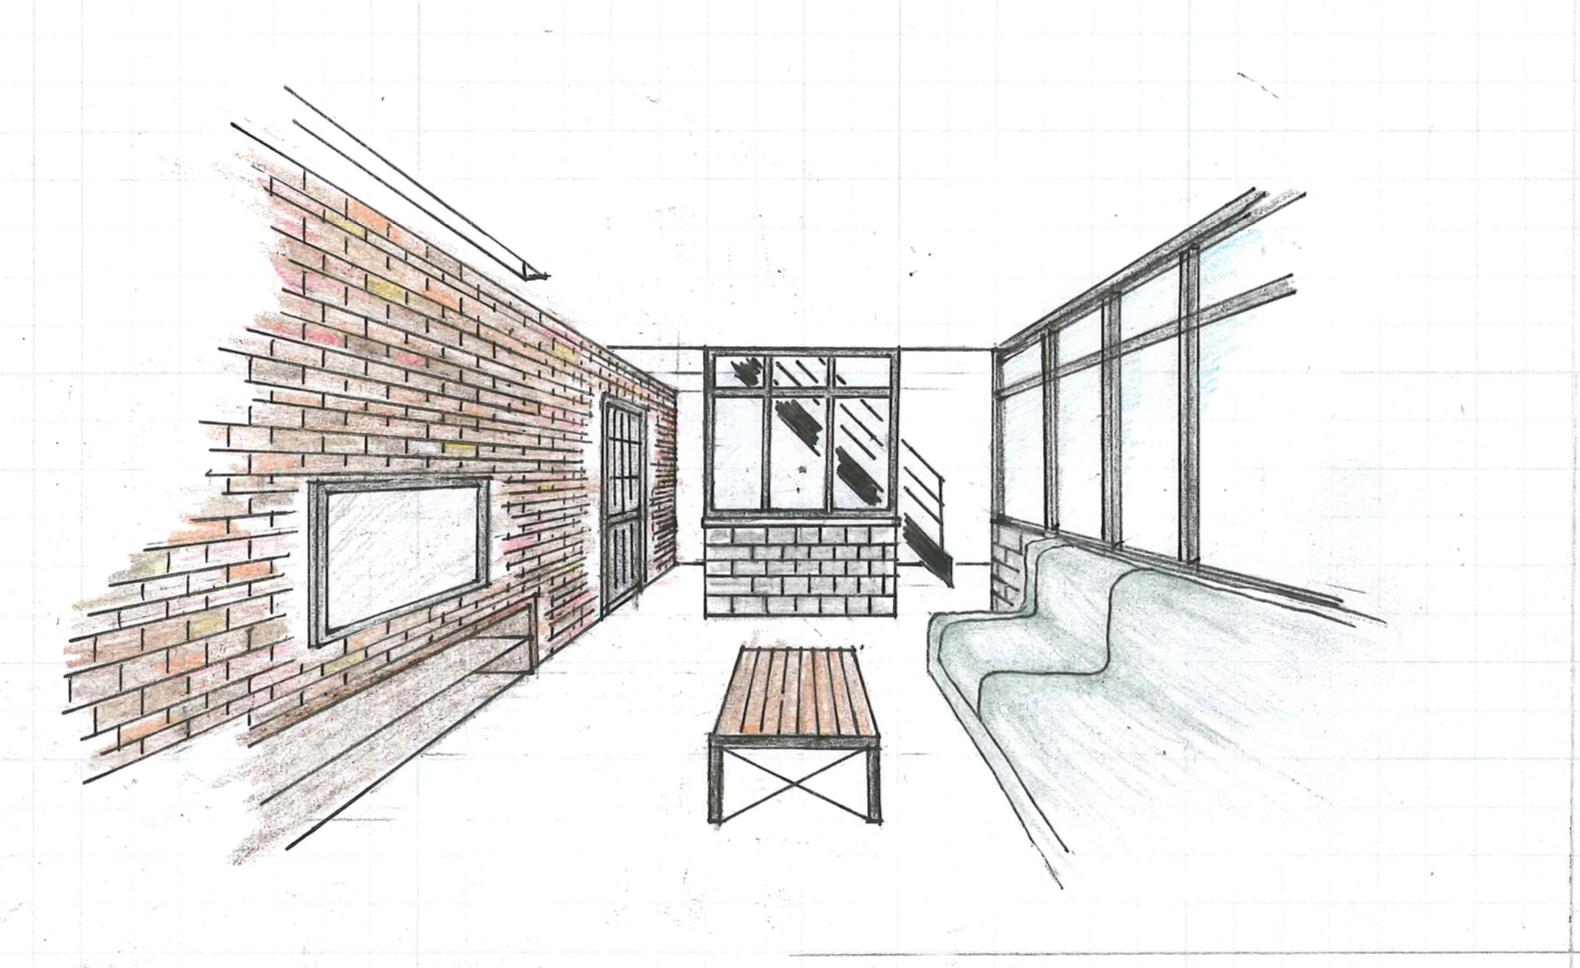 資金的にも大丈夫だと分かり、「未来建築工房と家づくりしよう!」と心に決めたら、設計申し込みを行い、具体的なプラン作成・見積り・敷地調査を行なっていきます。